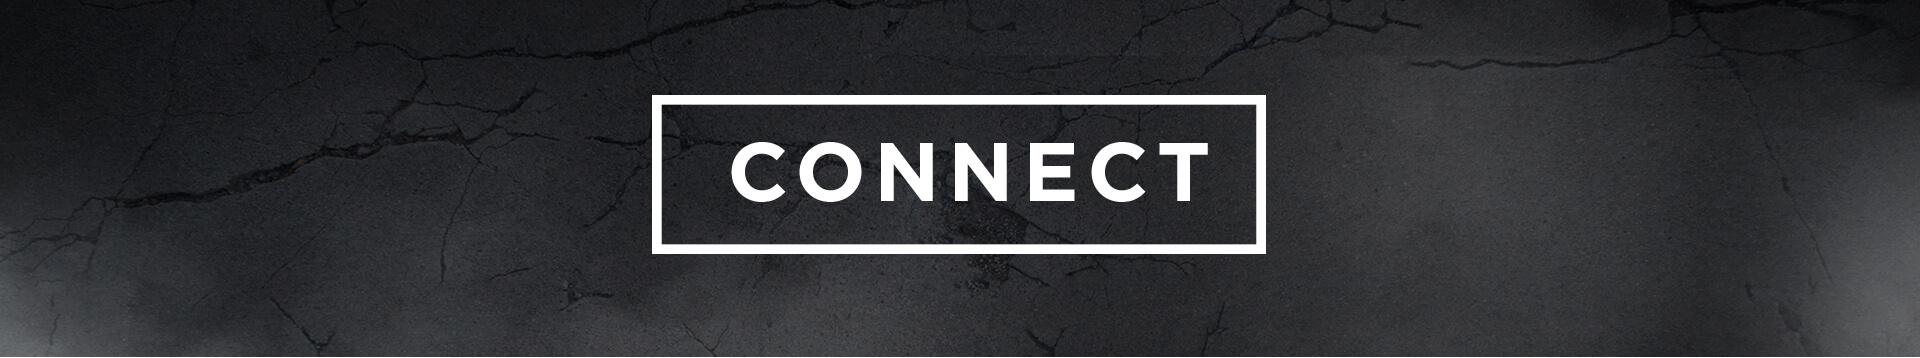 journeymenconnectbanner